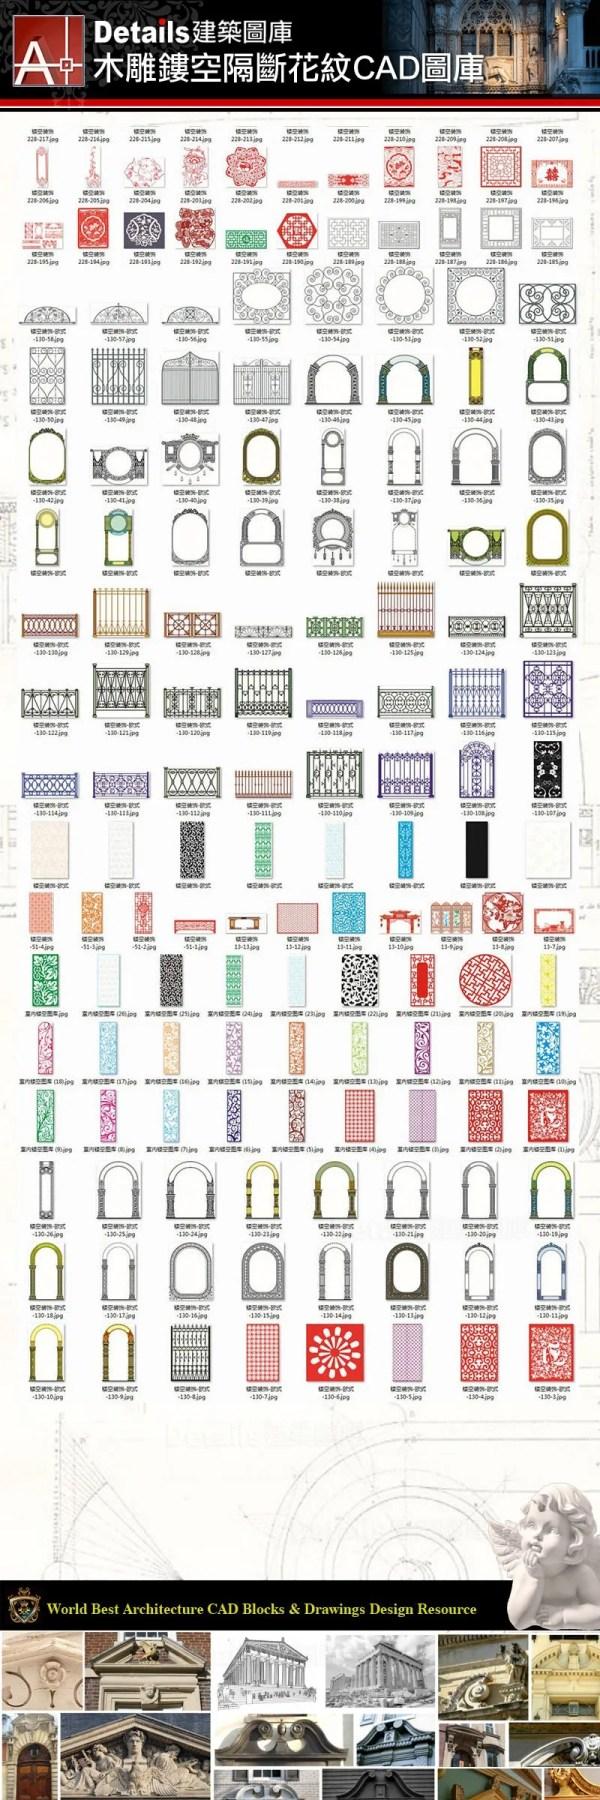 歐式法式室內設計雕花、雕刻構件、CAD花紋圖案、傢俱花紋、花邊、木雕、中式古典花紋、歐式花紋、鏤空、天花板花紋、腰線、角花、拼花